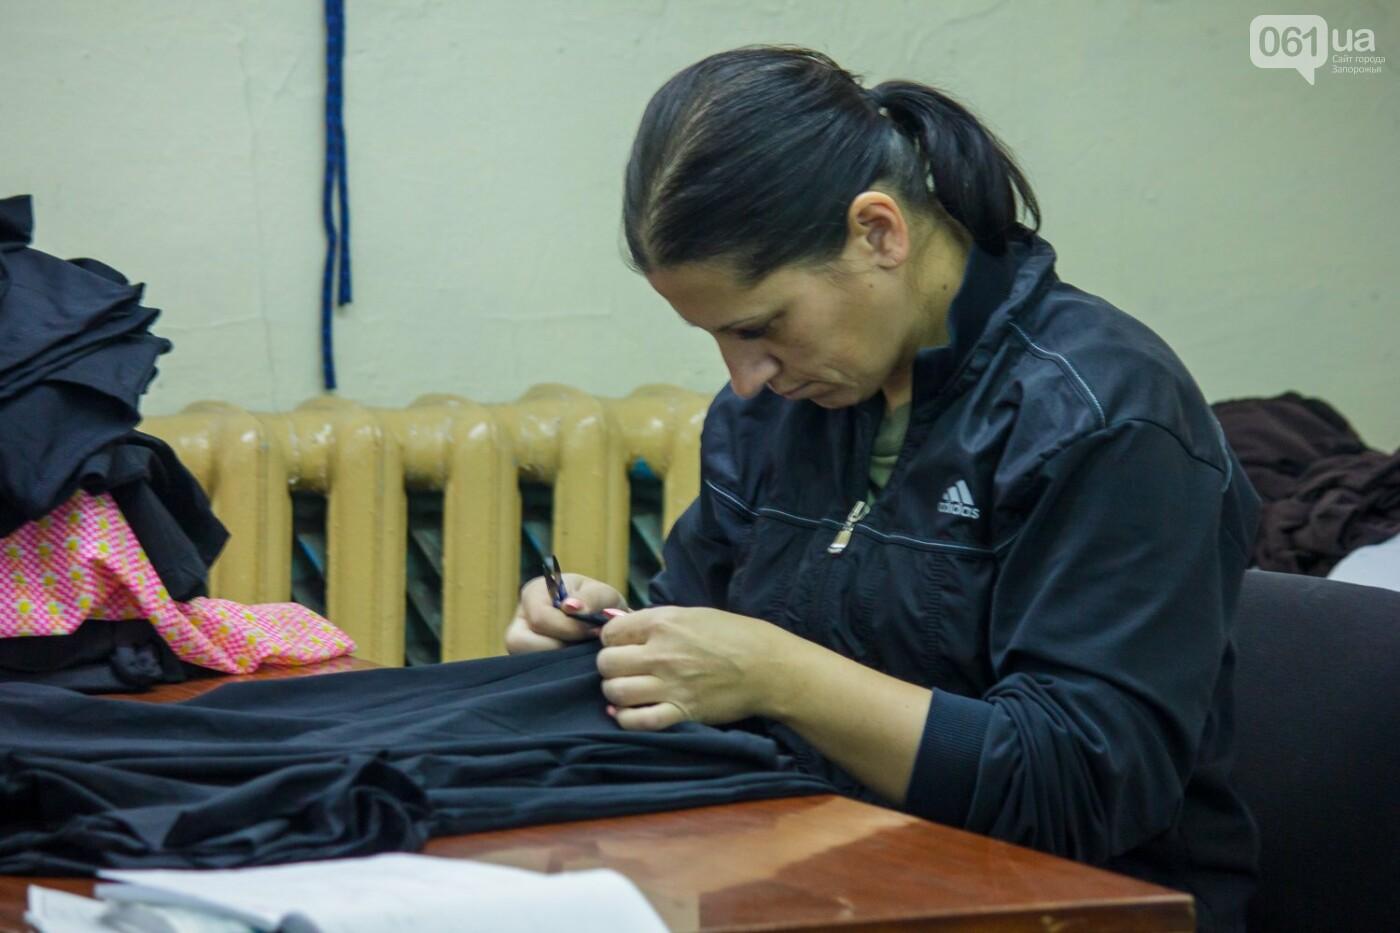 Как в Запорожье шьют мужское белье: экскурсия на трикотажную фабрику, – ФОТОРЕПОРТАЖ, фото-44